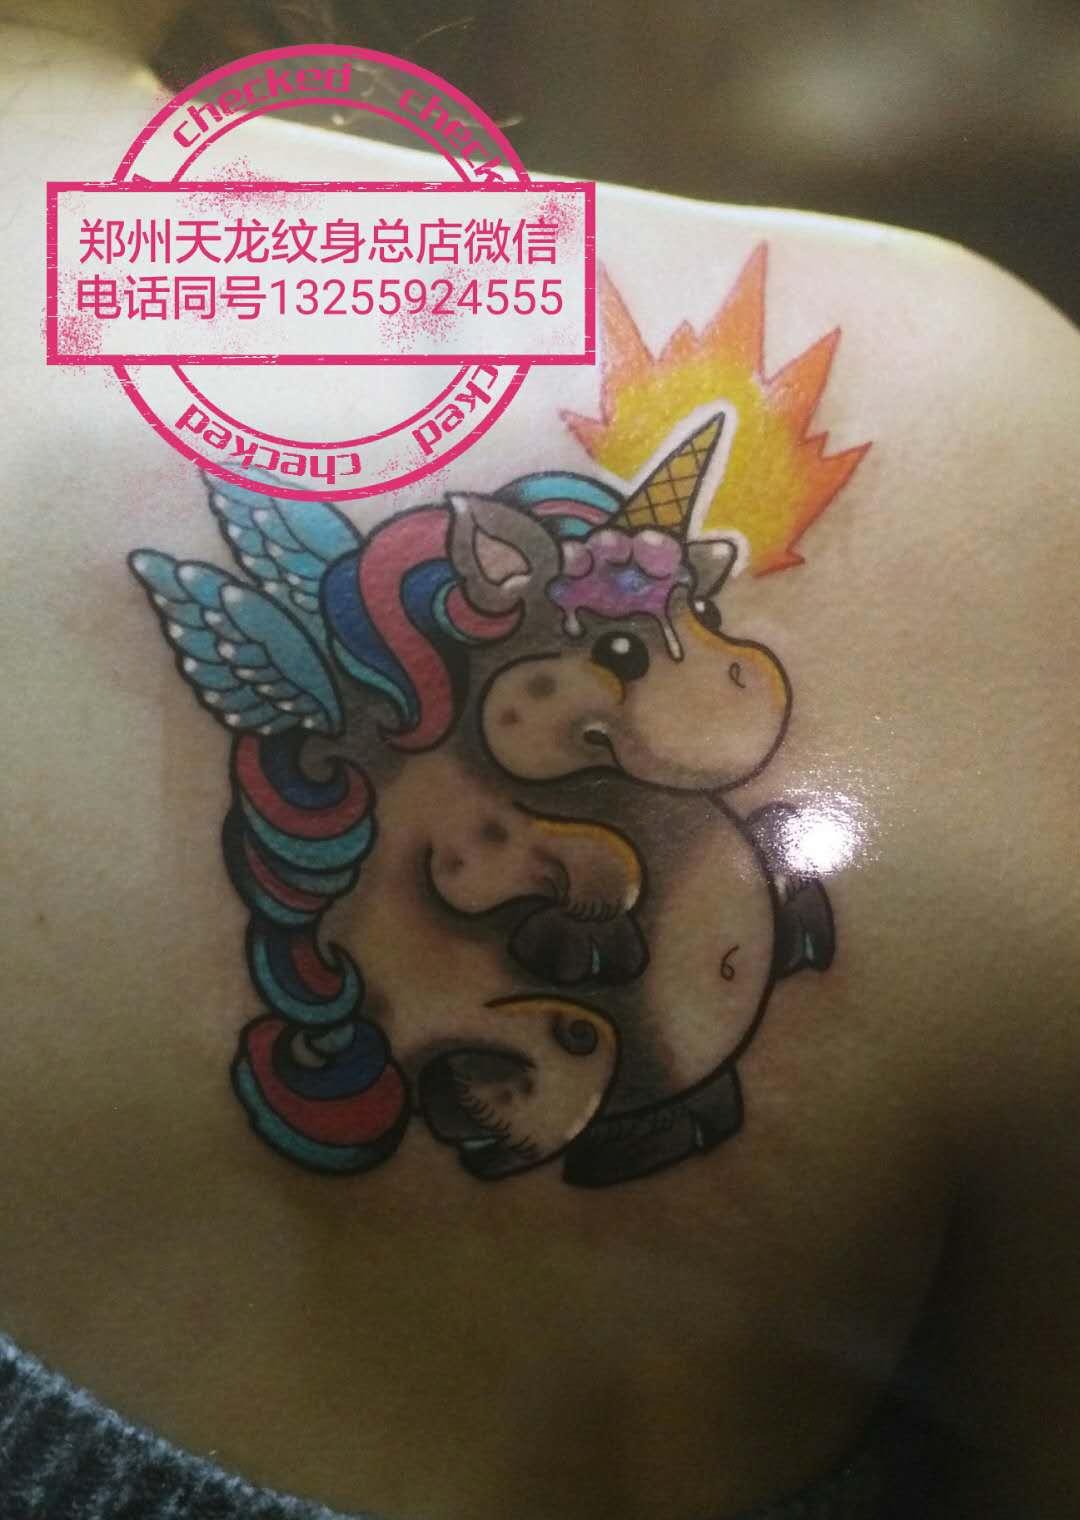 郑州纹身:星座纹身.jpg